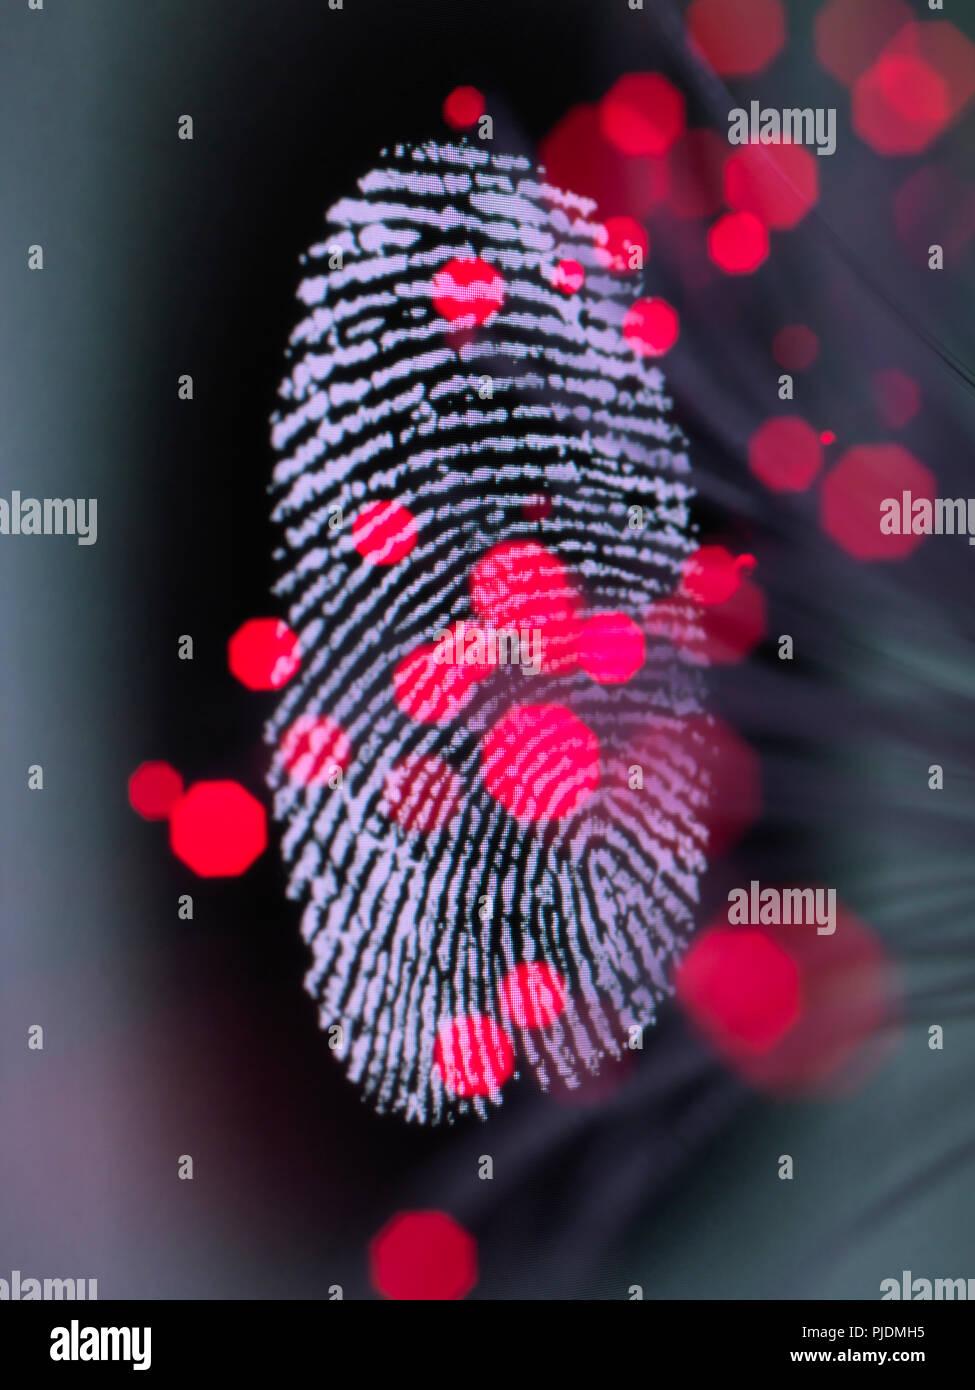 Daten infizieren ein Fingerabdruck Identität auf einem Bildschirm Hacking und Internetkriminalität zu veranschaulichen Stockbild